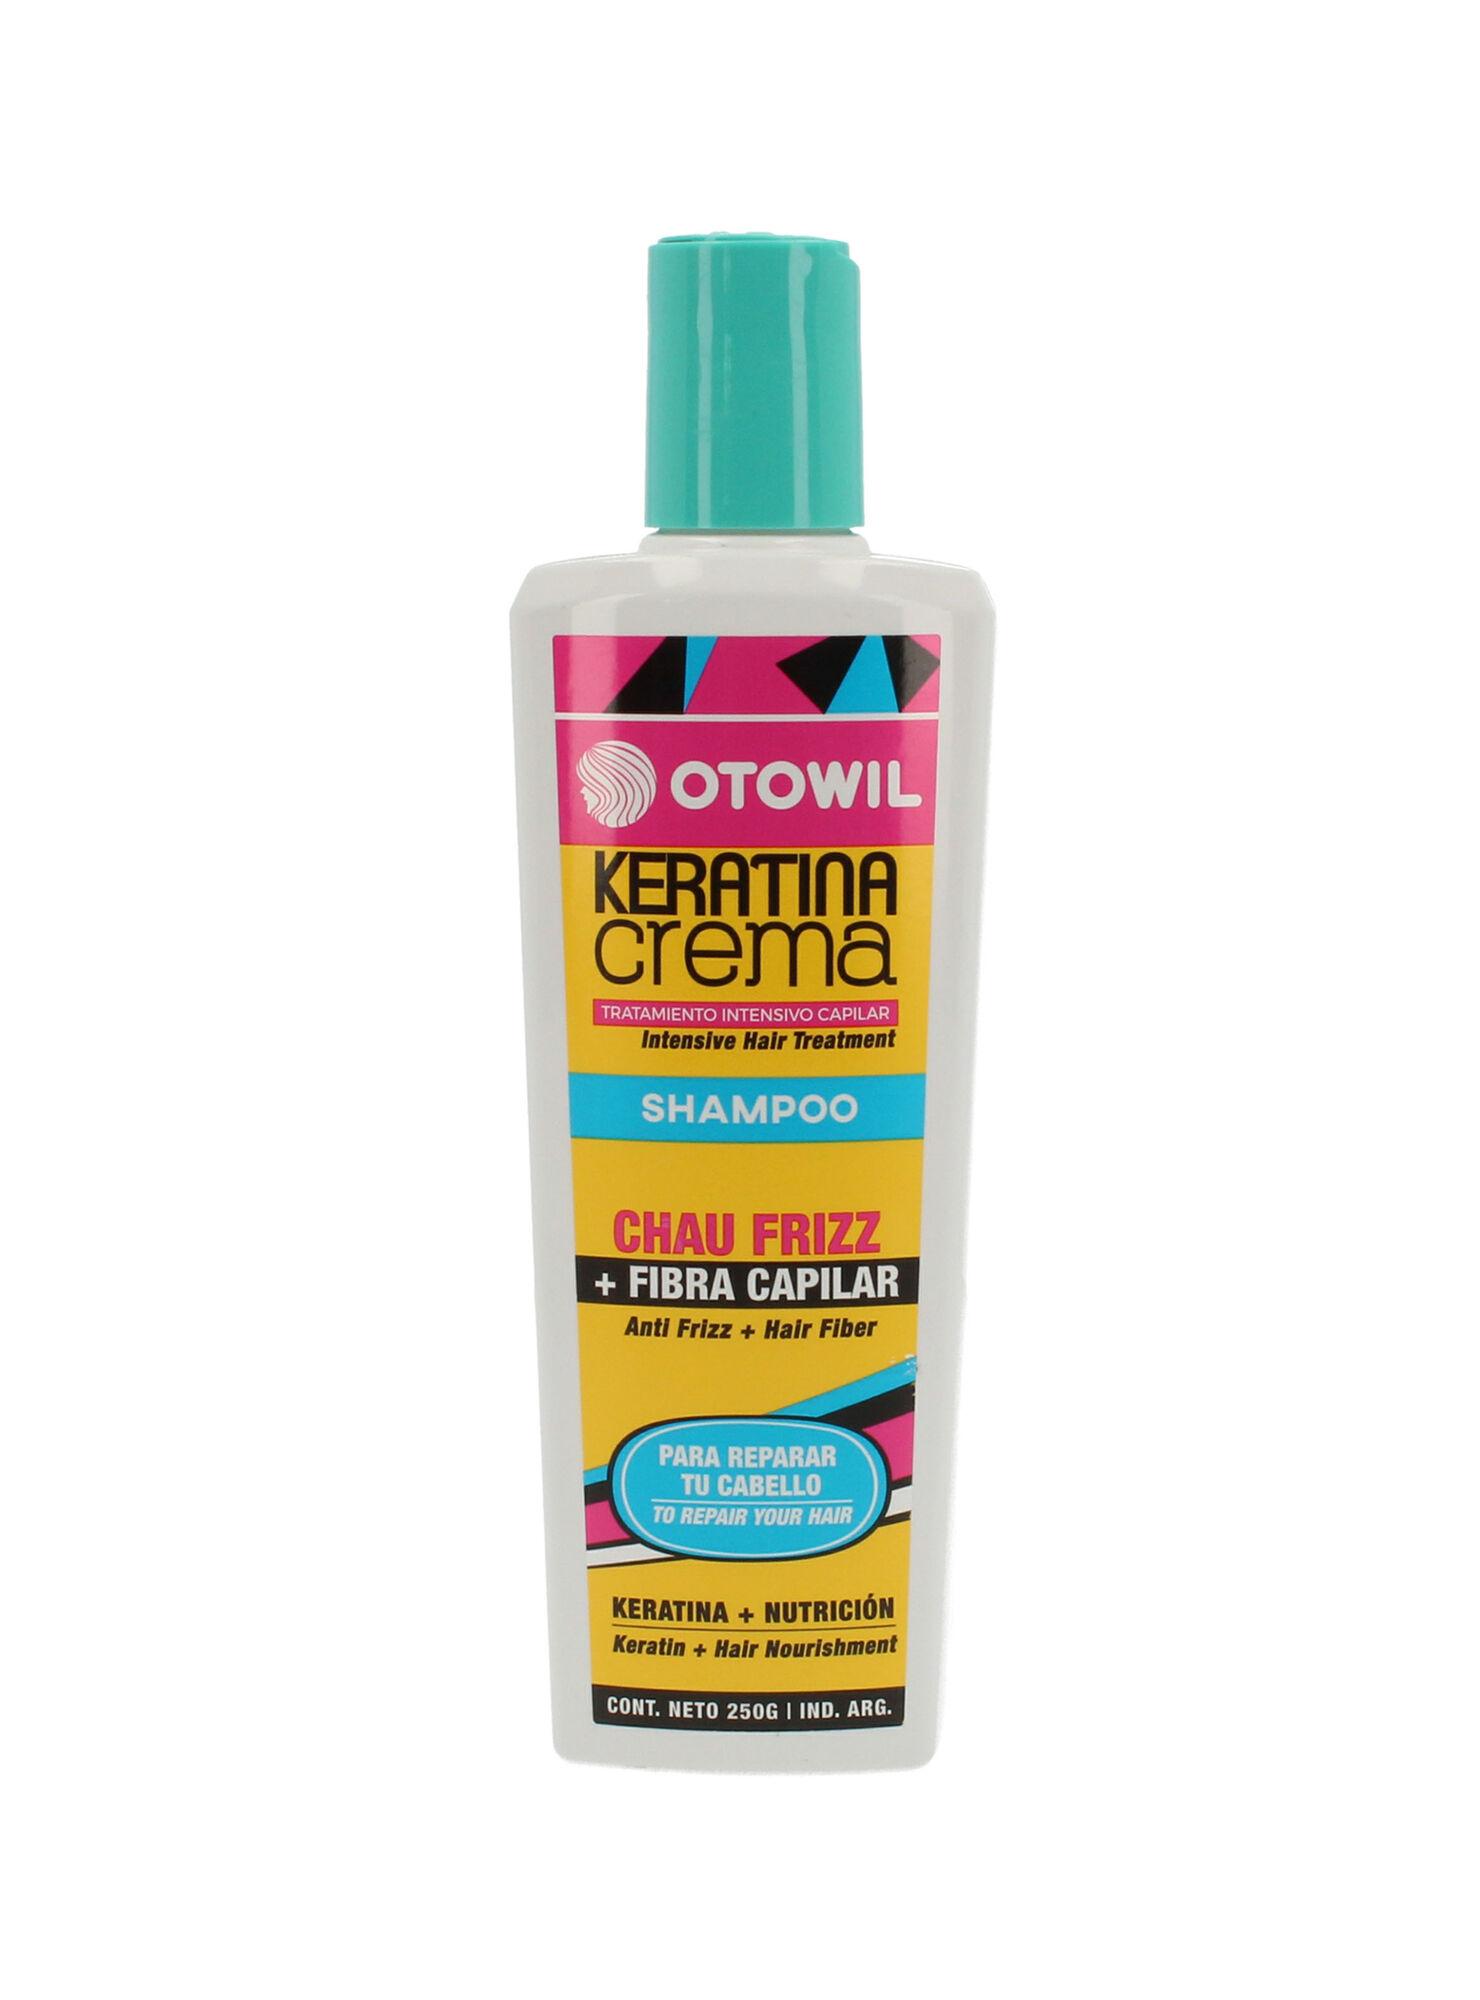 Shampoo Crema En Keratina 250 Ml Otowil Cuidado Capilar Paris Cl